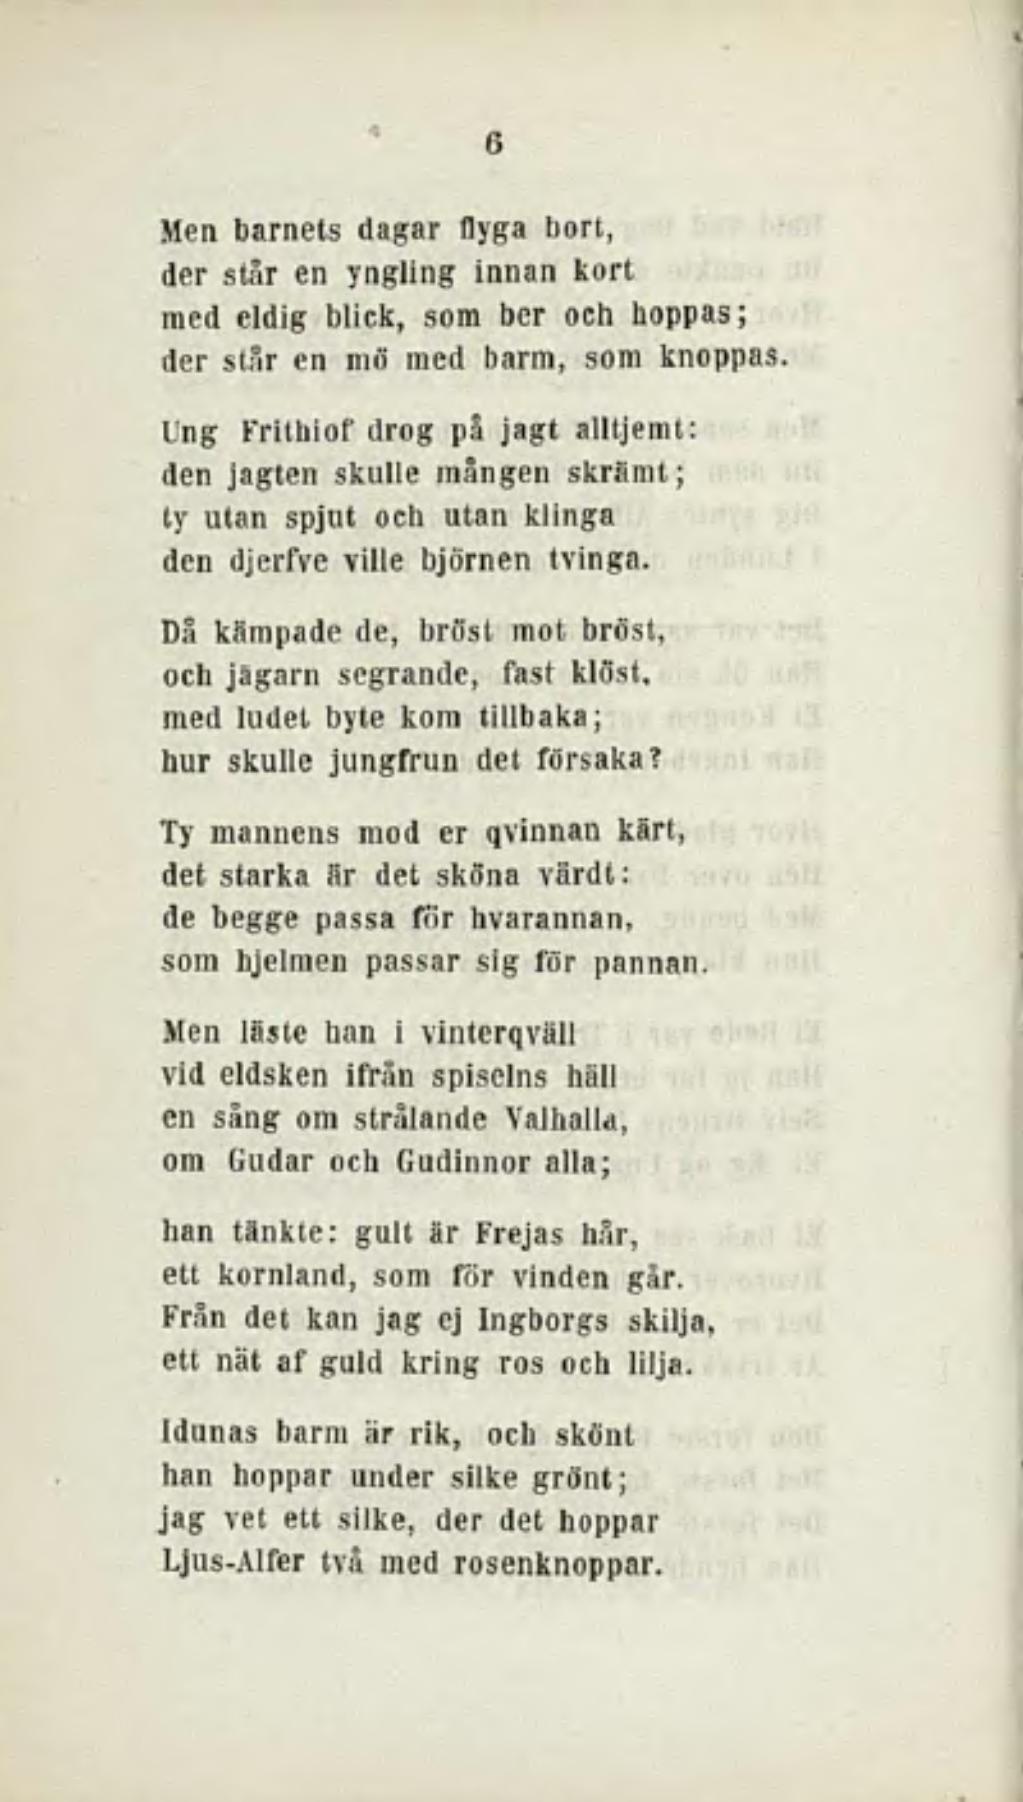 Sida Frithiofs Saga.djvu 7 - Wikisource c404f2d8e8bf0